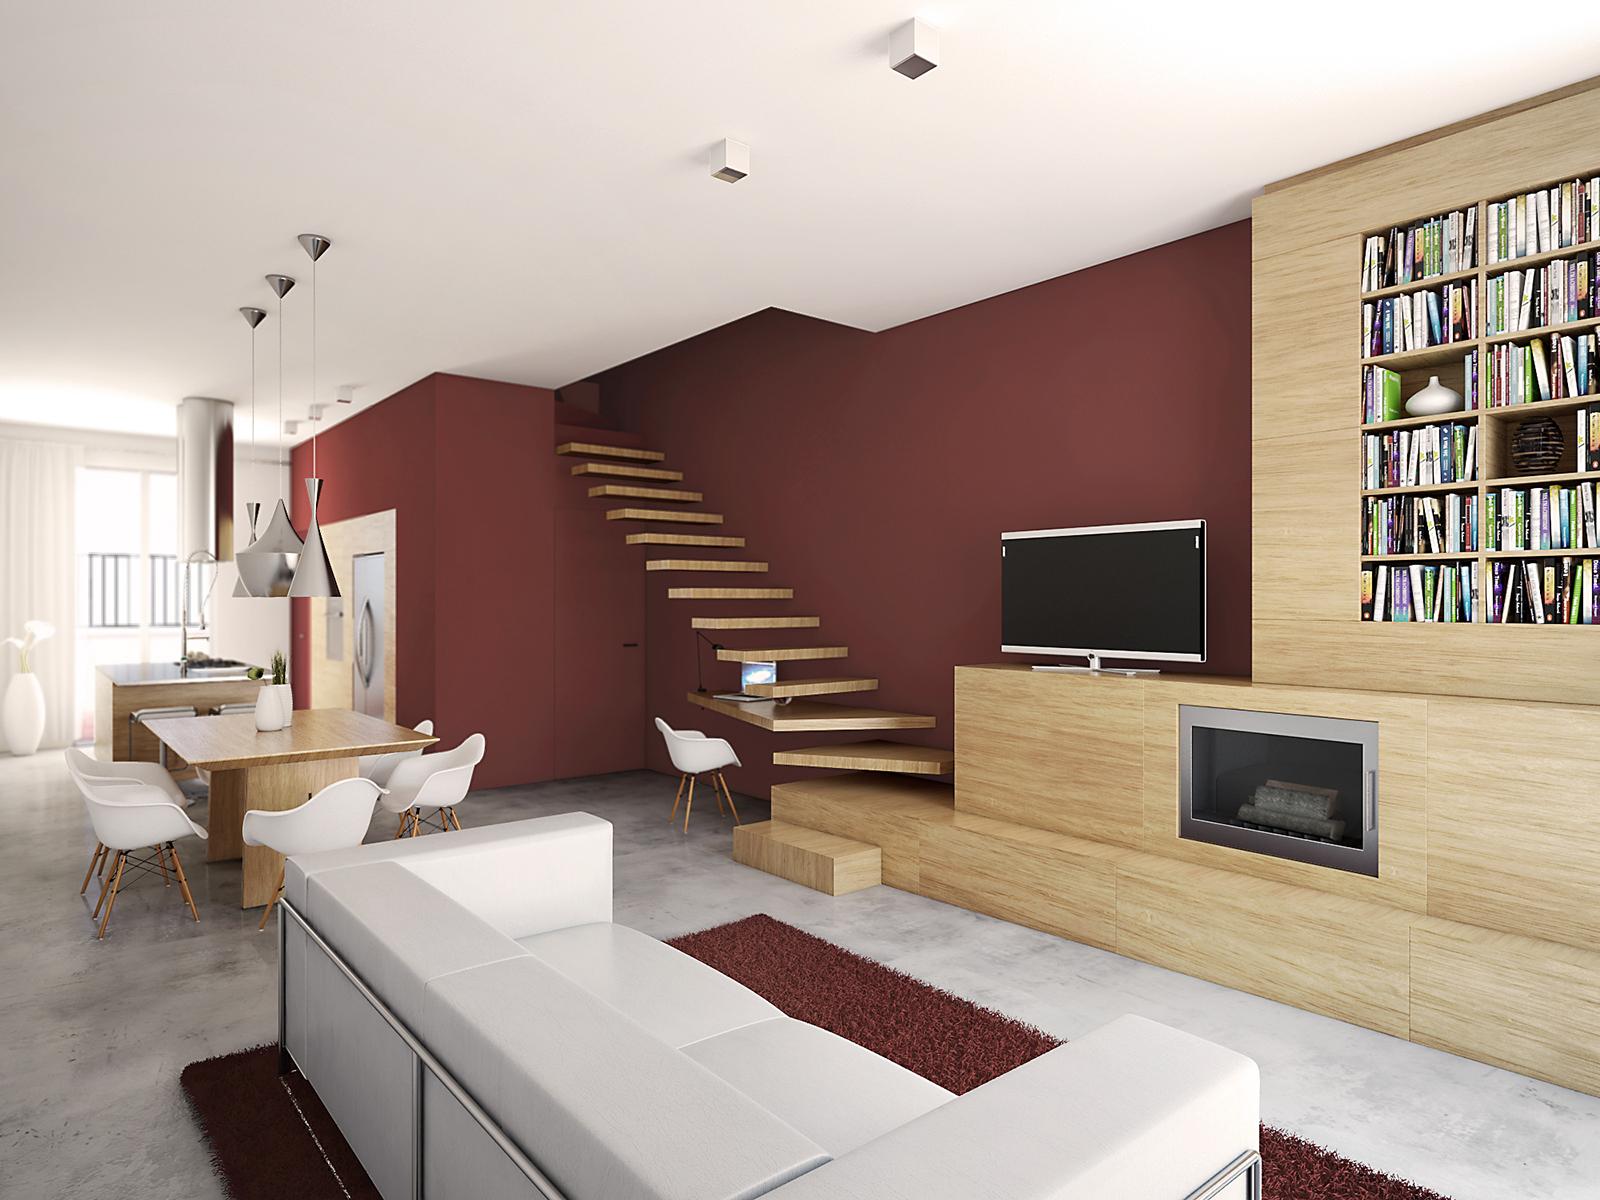 Studio architettura firenze soggiorno cucina - Soggiorno cucina a vista ...